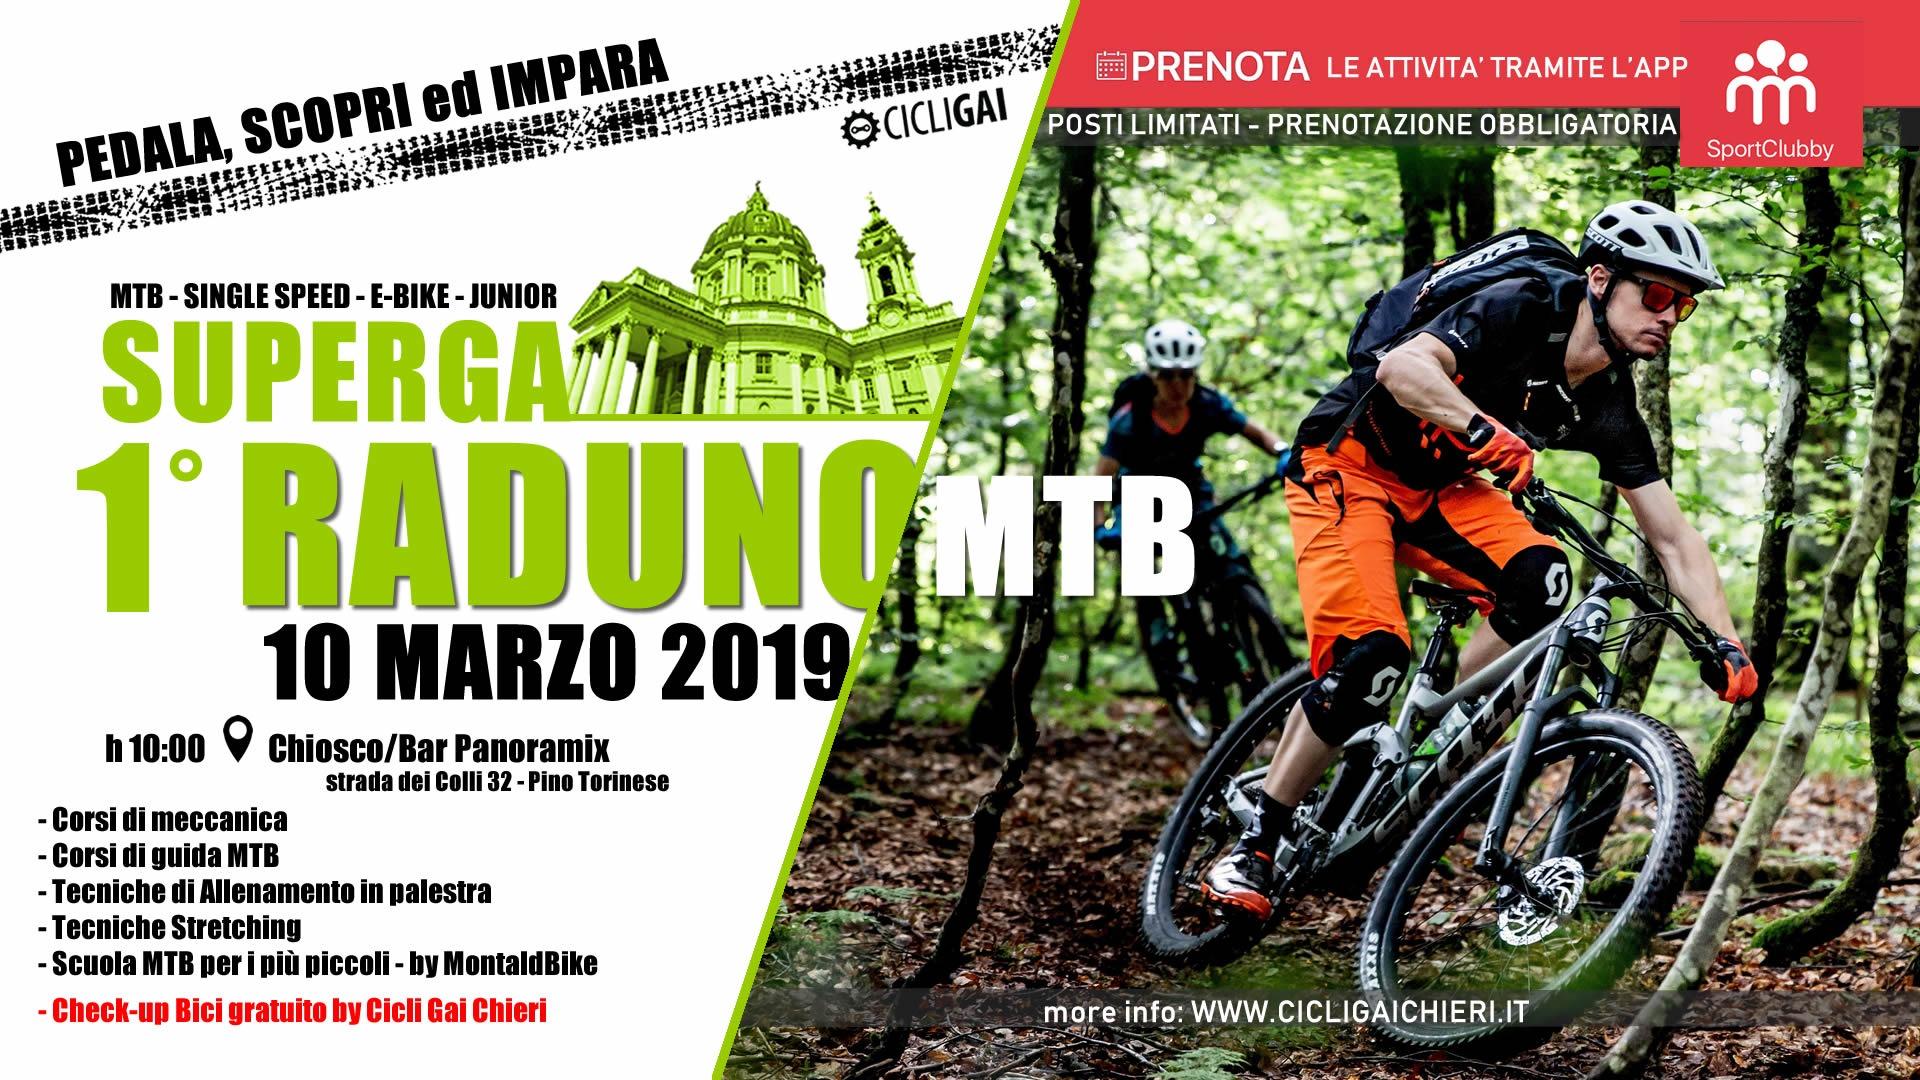 Domenica 10 Marzo 2019 Raduno MTB a Superga